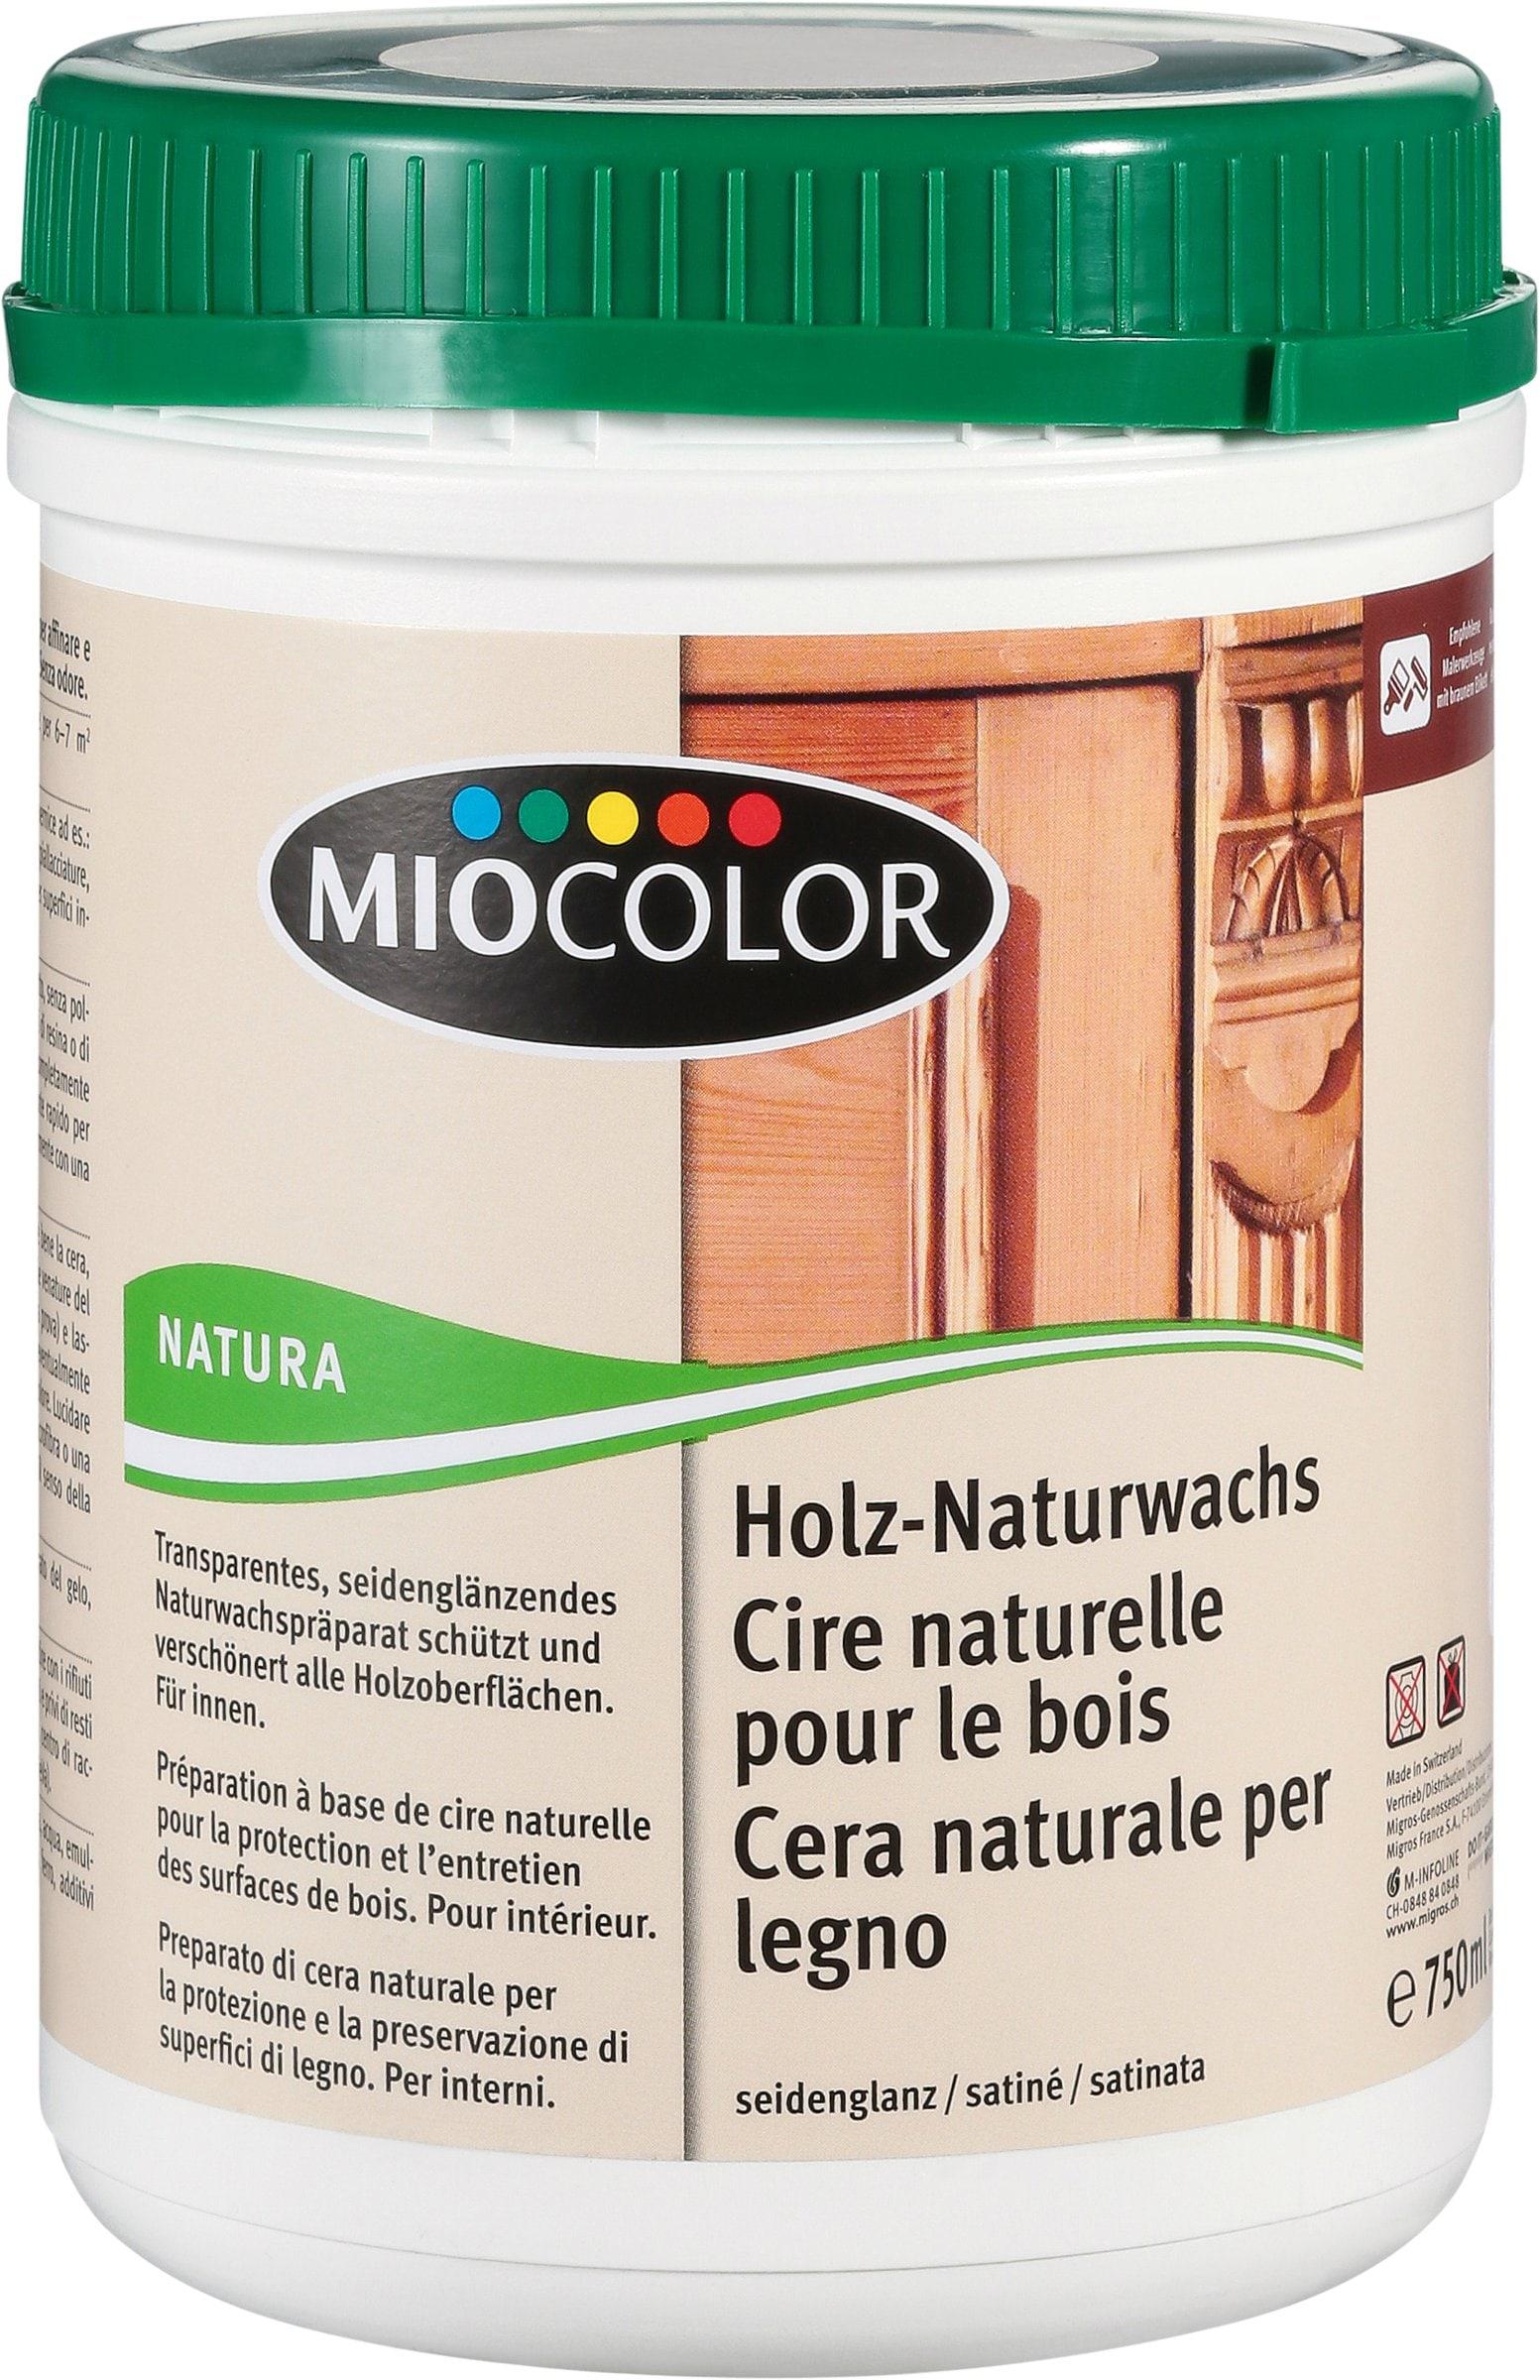 miocolor cire naturelle pour le bois migros. Black Bedroom Furniture Sets. Home Design Ideas